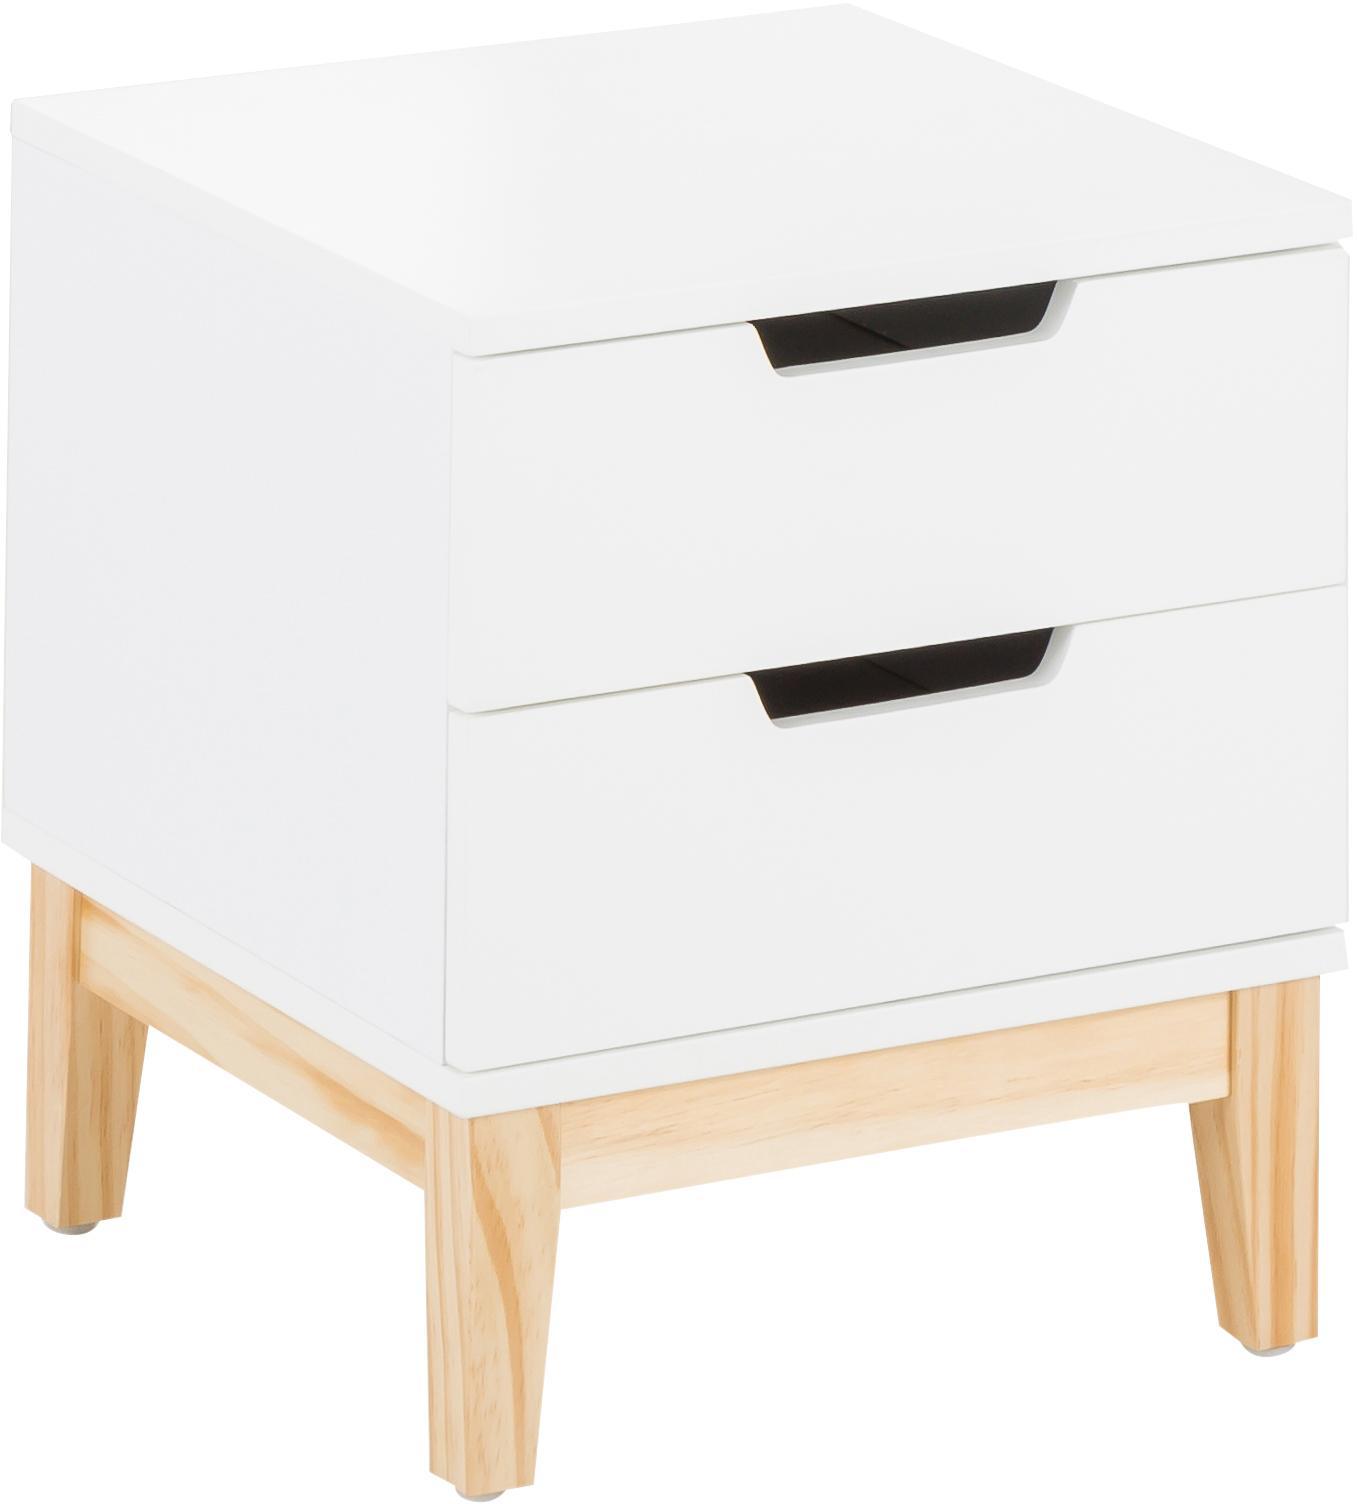 Nachttisch Buca mit Schubladen, Beine: Eichenholz, Beine: Eiche<br>Korpus und Fronten: Weiß, matt, 40 x 45 cm